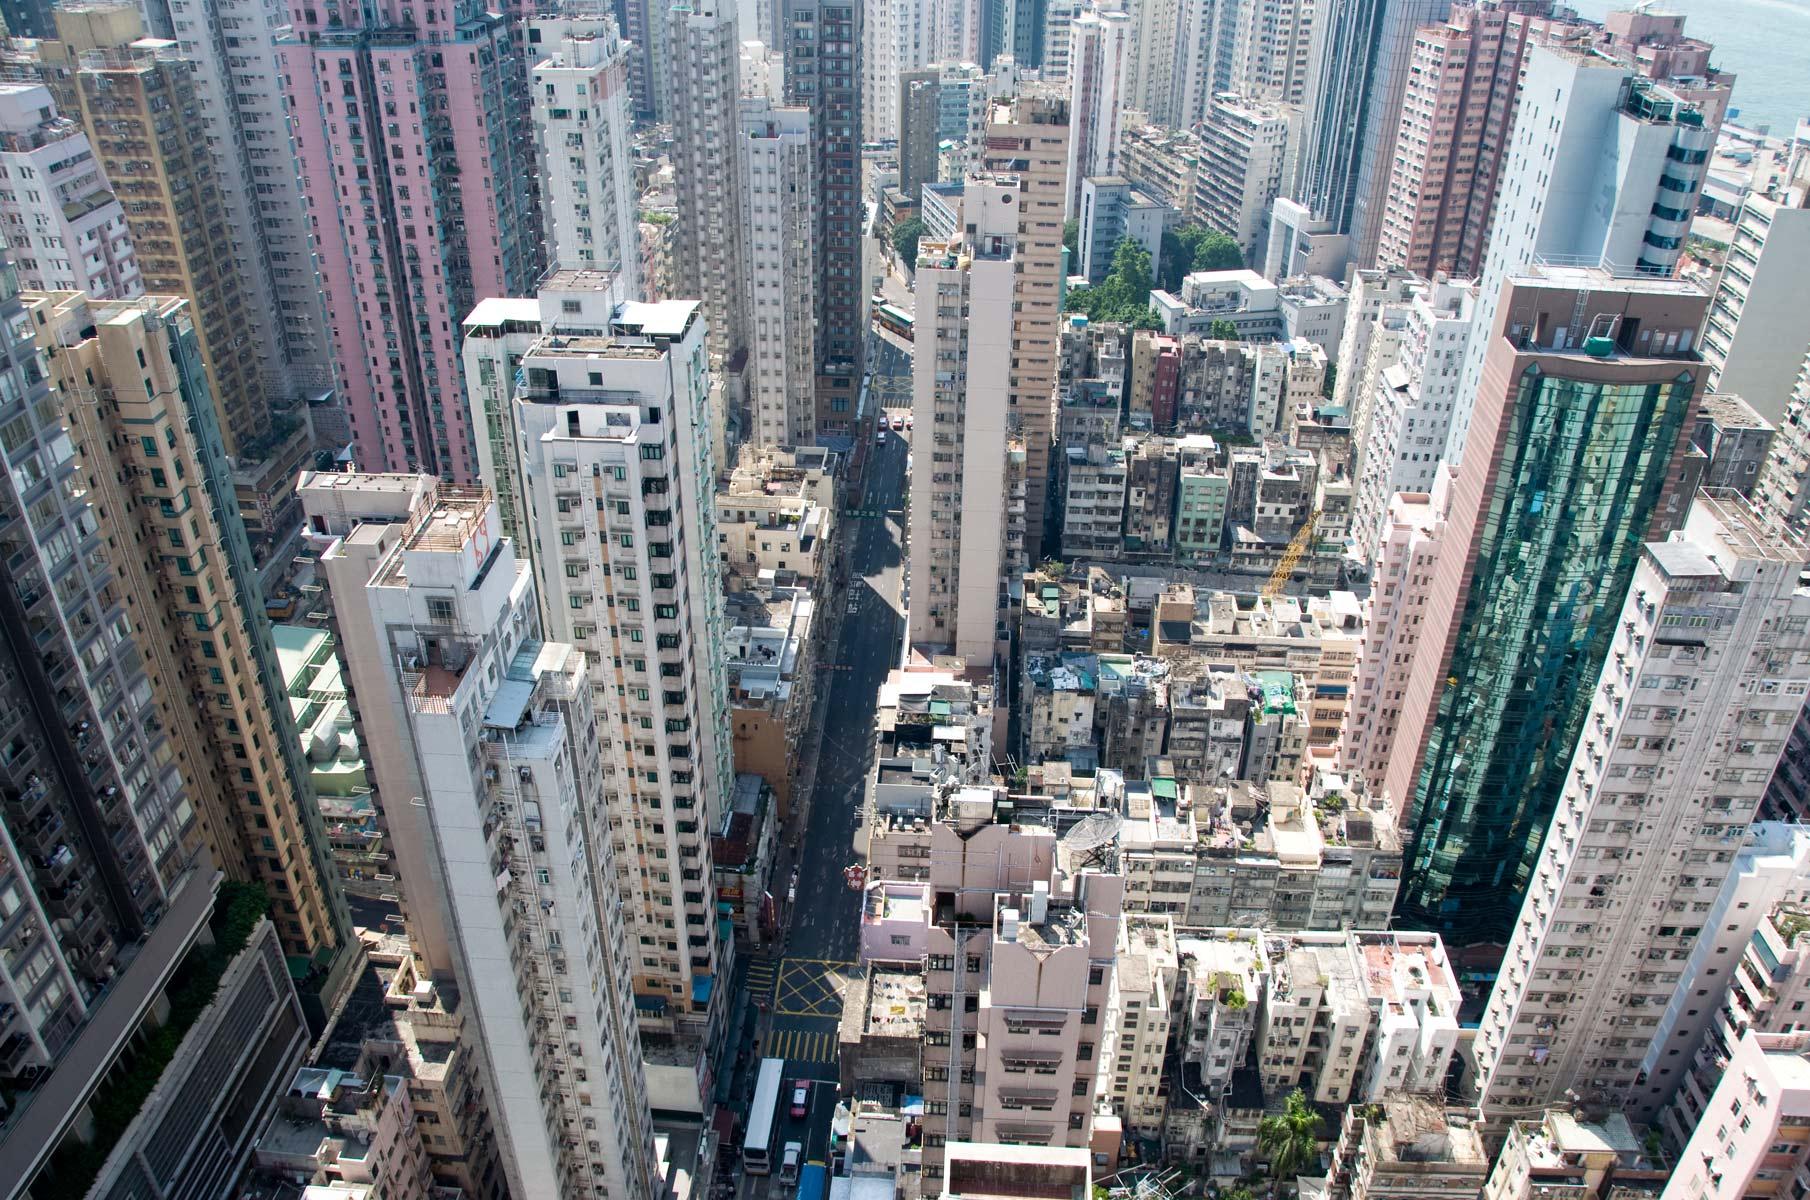 Blick vom Hochhaus auf Hochhaus Schluchten in Hongkong, China